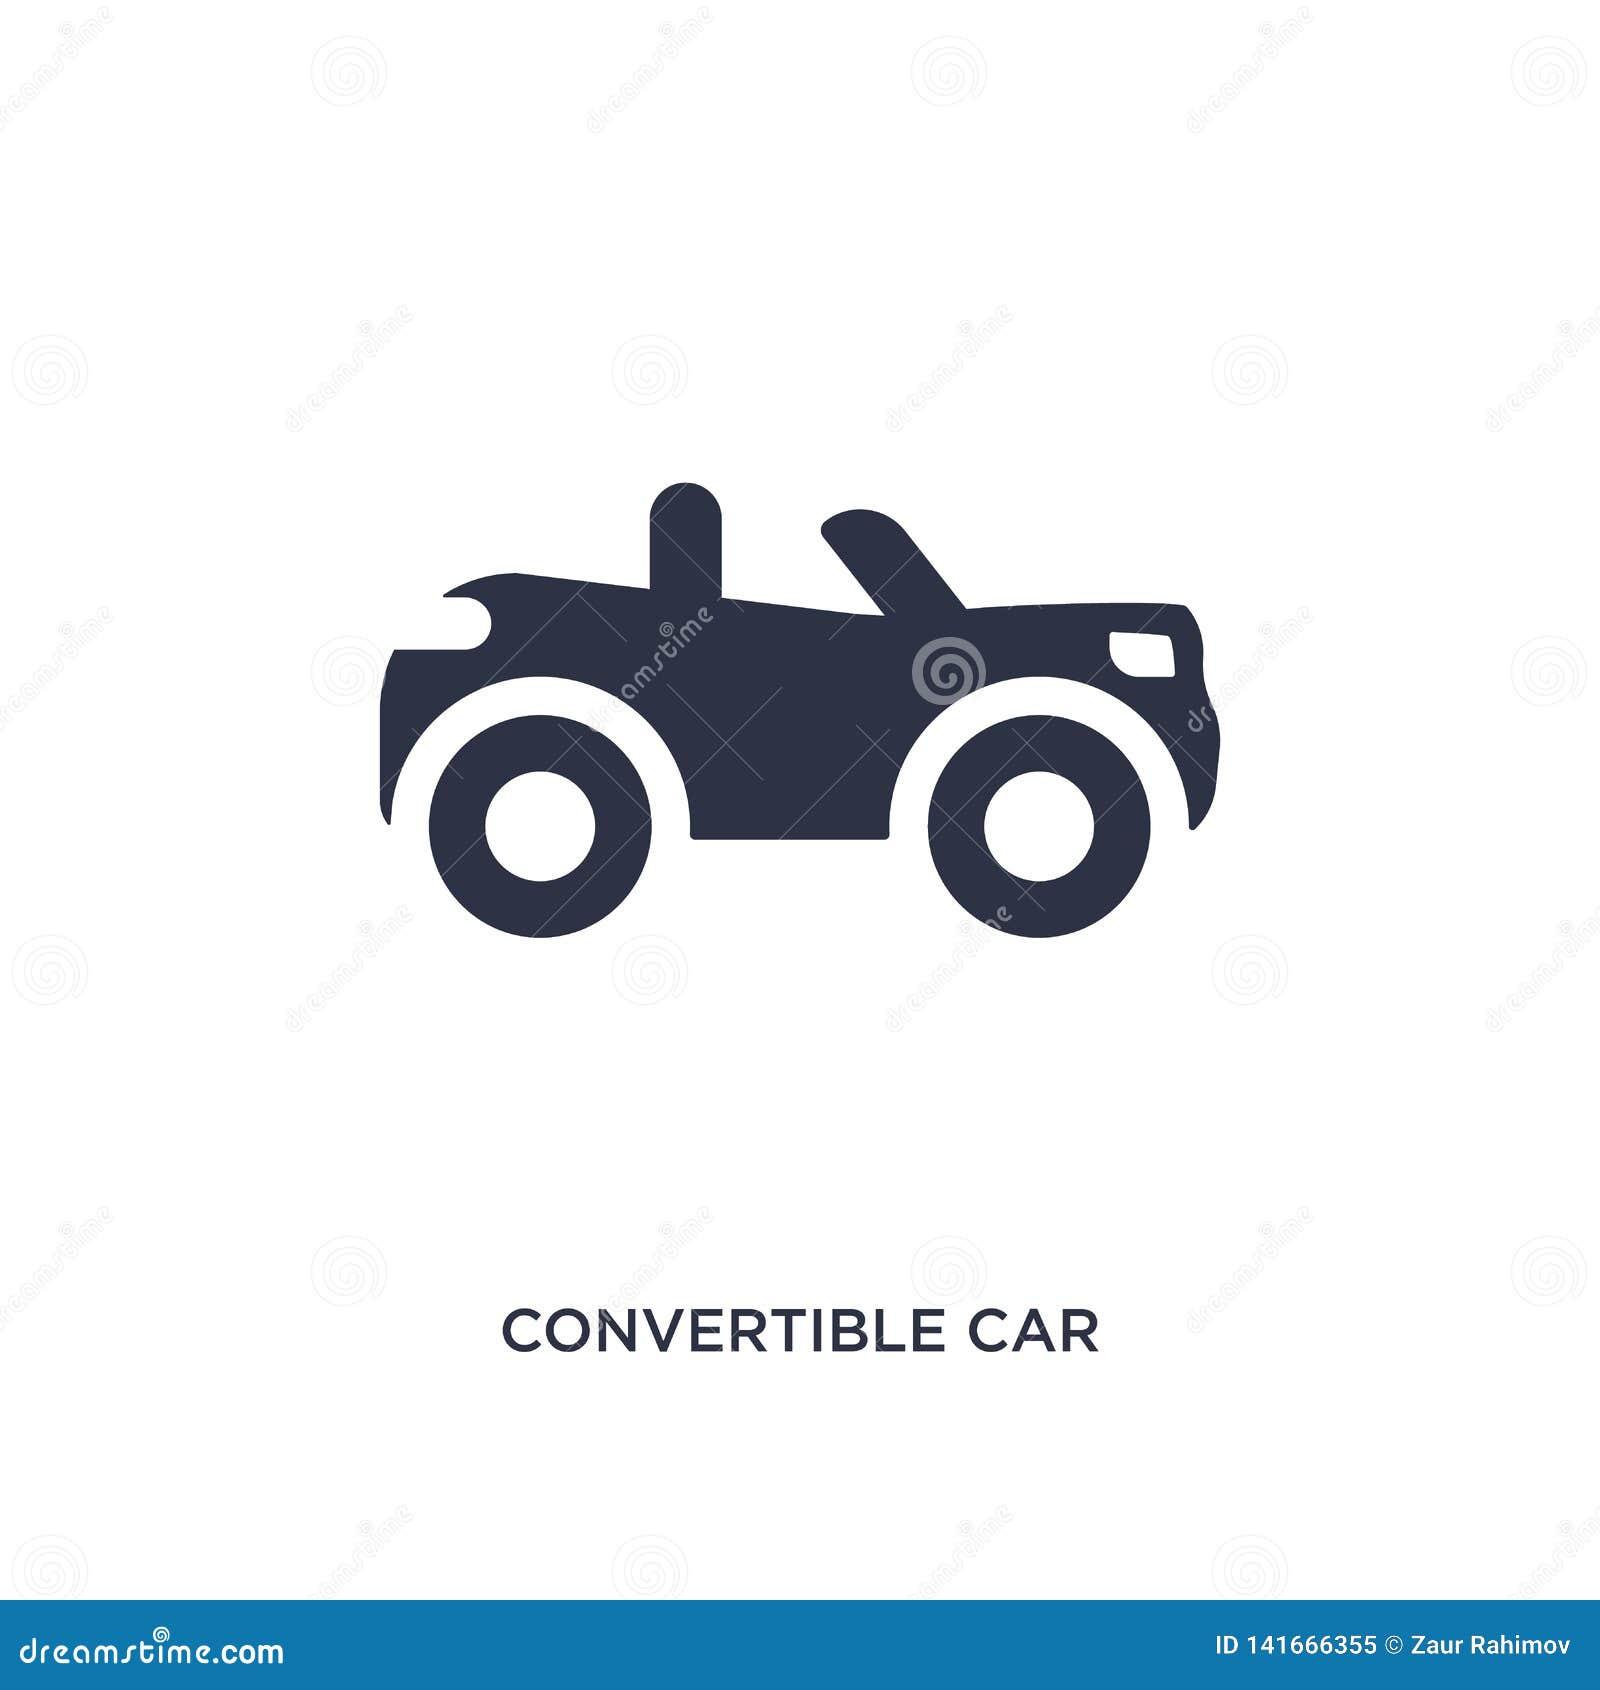 μετατρέψιμο εικονίδιο αυτοκινήτων στο άσπρο υπόβαθρο Απλή απεικόνιση στοιχείων από την έννοια mechanicons